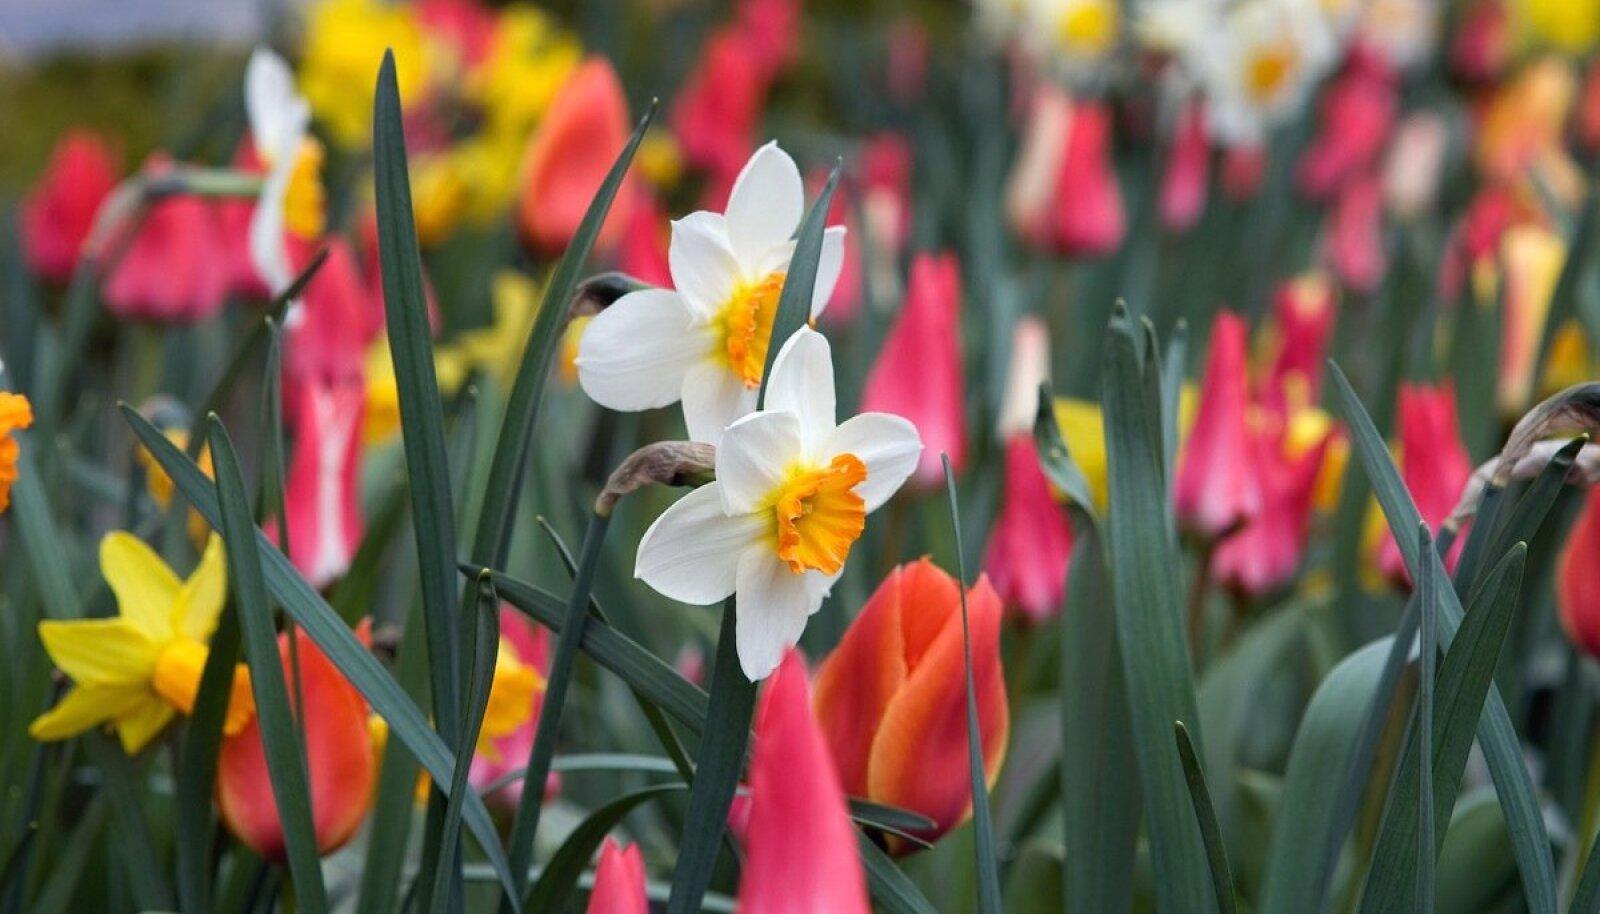 Poodides on sadu erinevaid lillesibulaid, nii suuri kui väikesi, vanu tuttavaid ja täiesti uute sortide ning liikide omi.